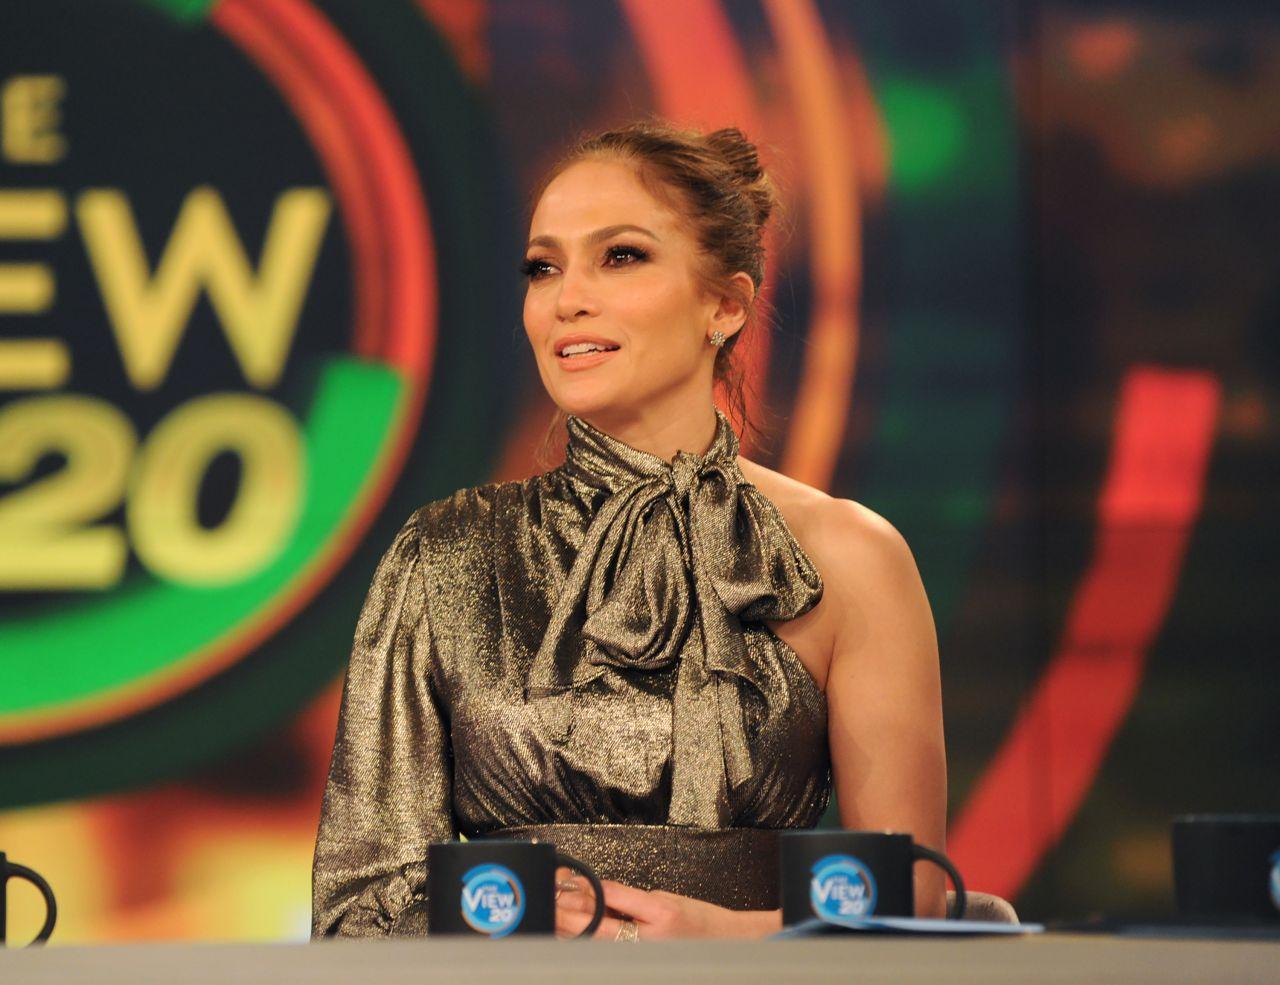 Jennifer Lopez: Jennifer Lopez Latest Photos